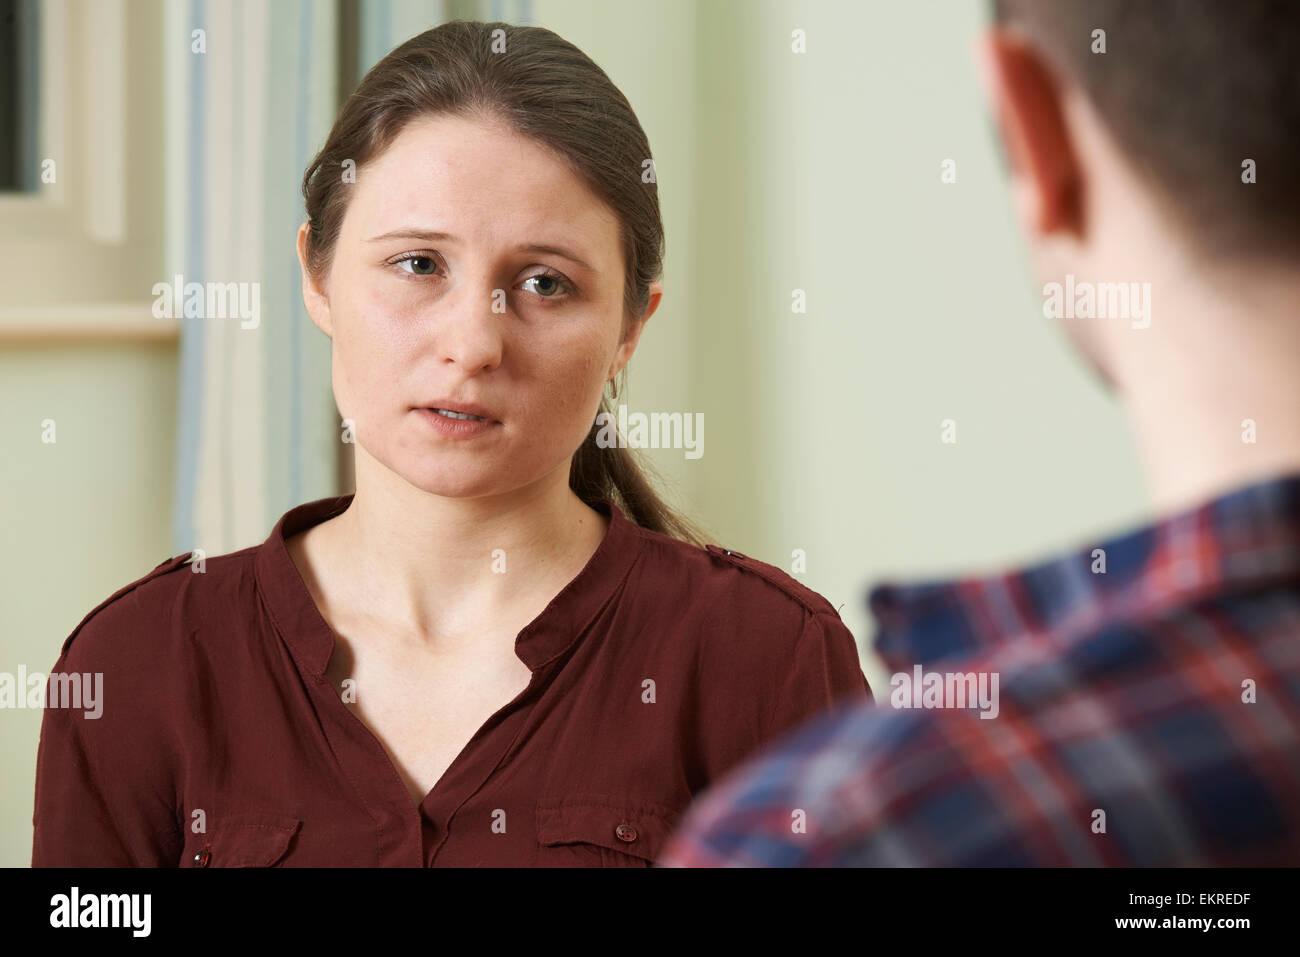 Jeune femme déprimée parler à conseiller Photo Stock